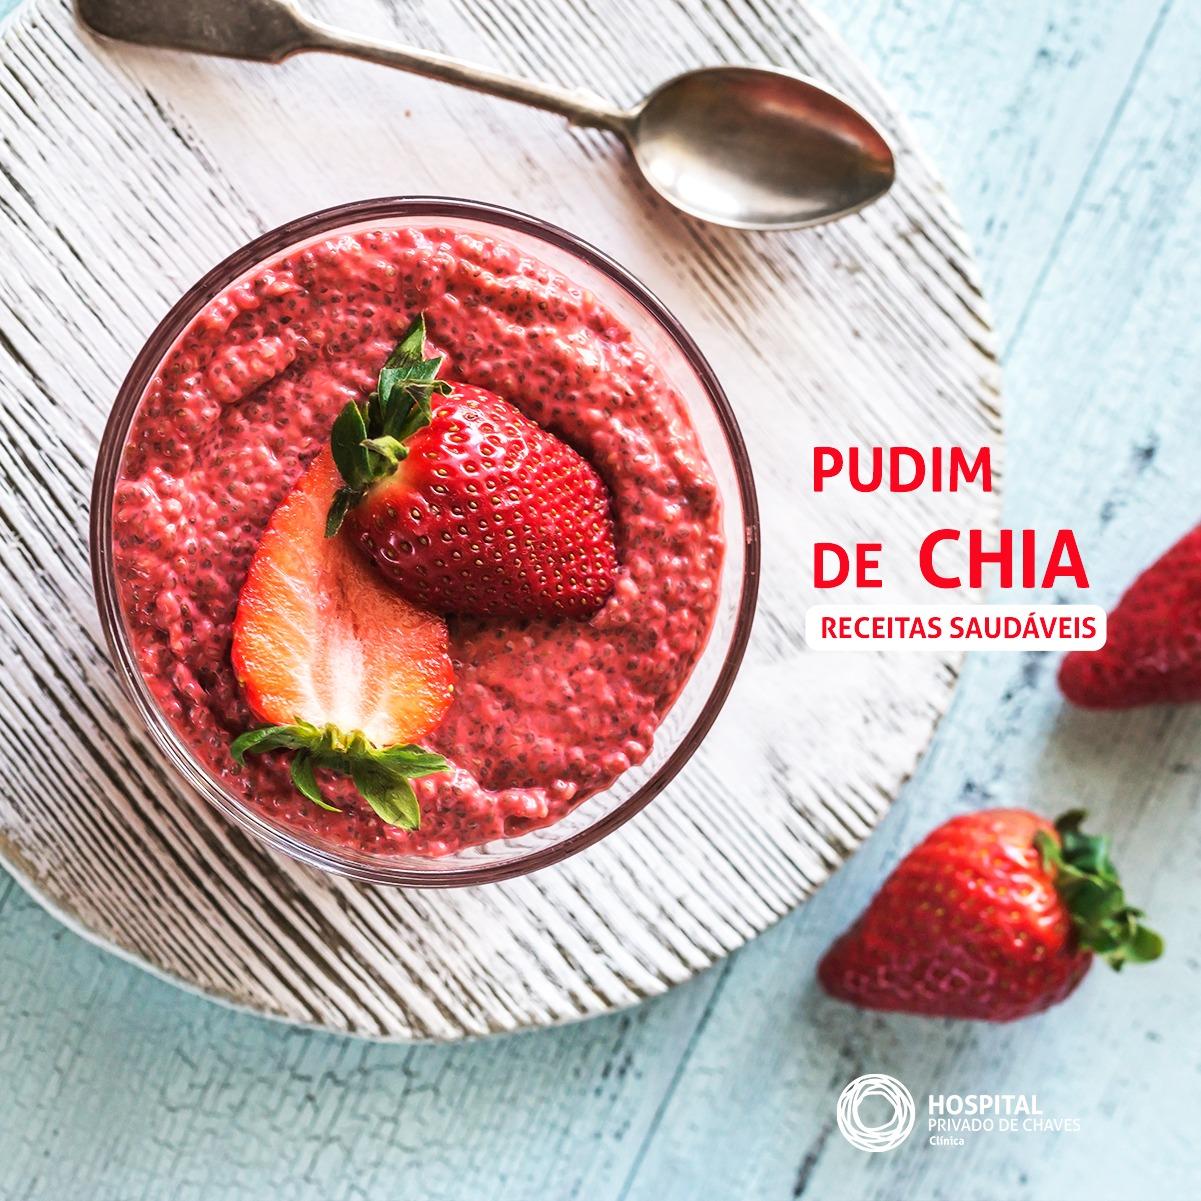 PUDIM DE CHIA COM FRUTA